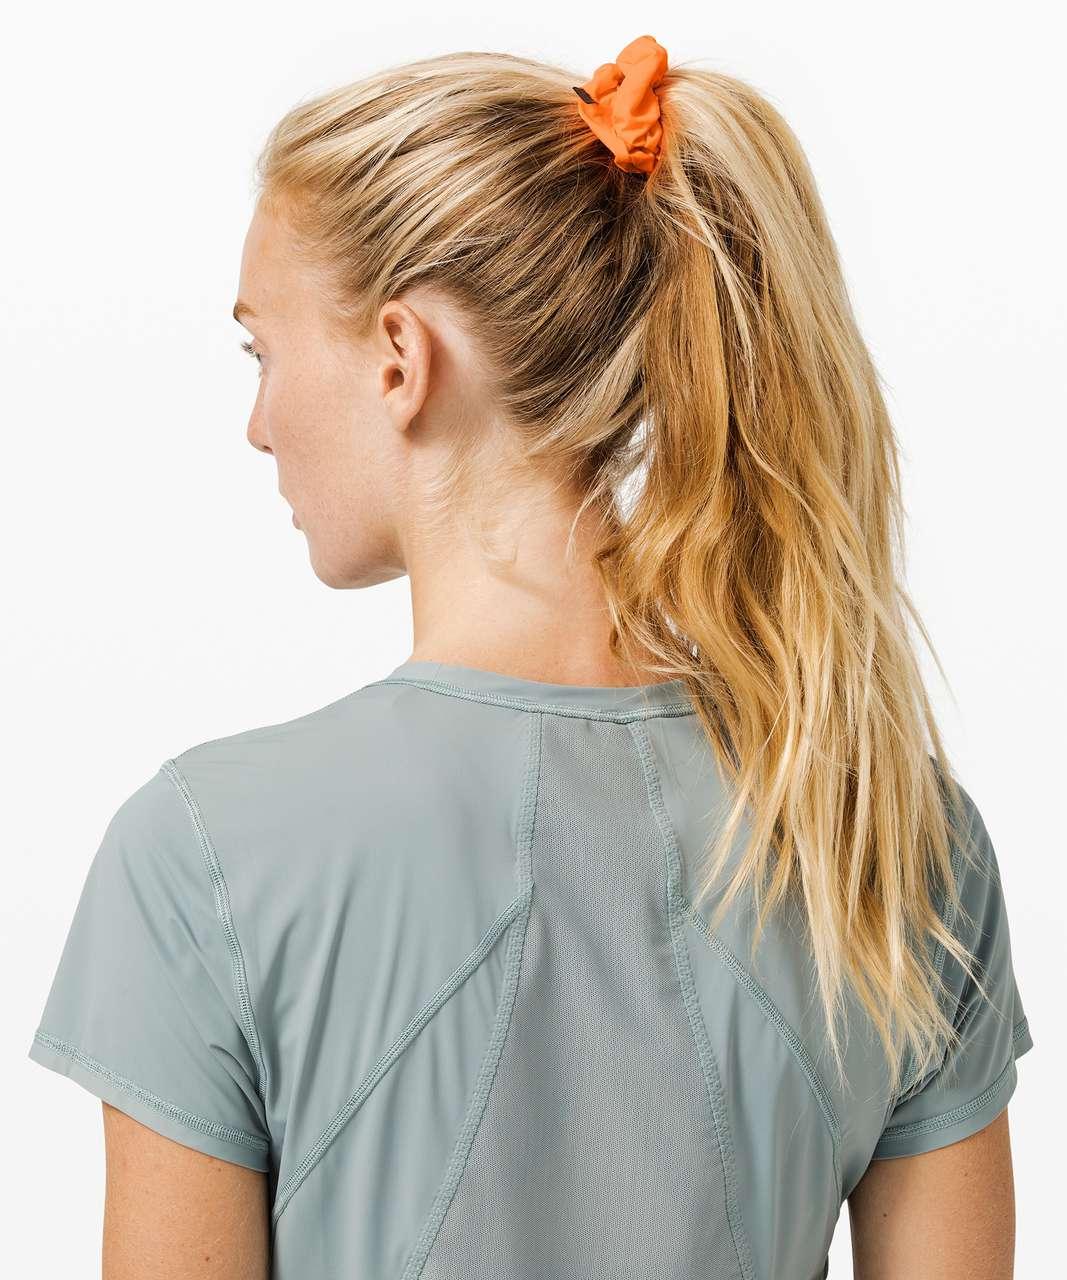 Lululemon Uplifting Scrunchie - Highlight Orange